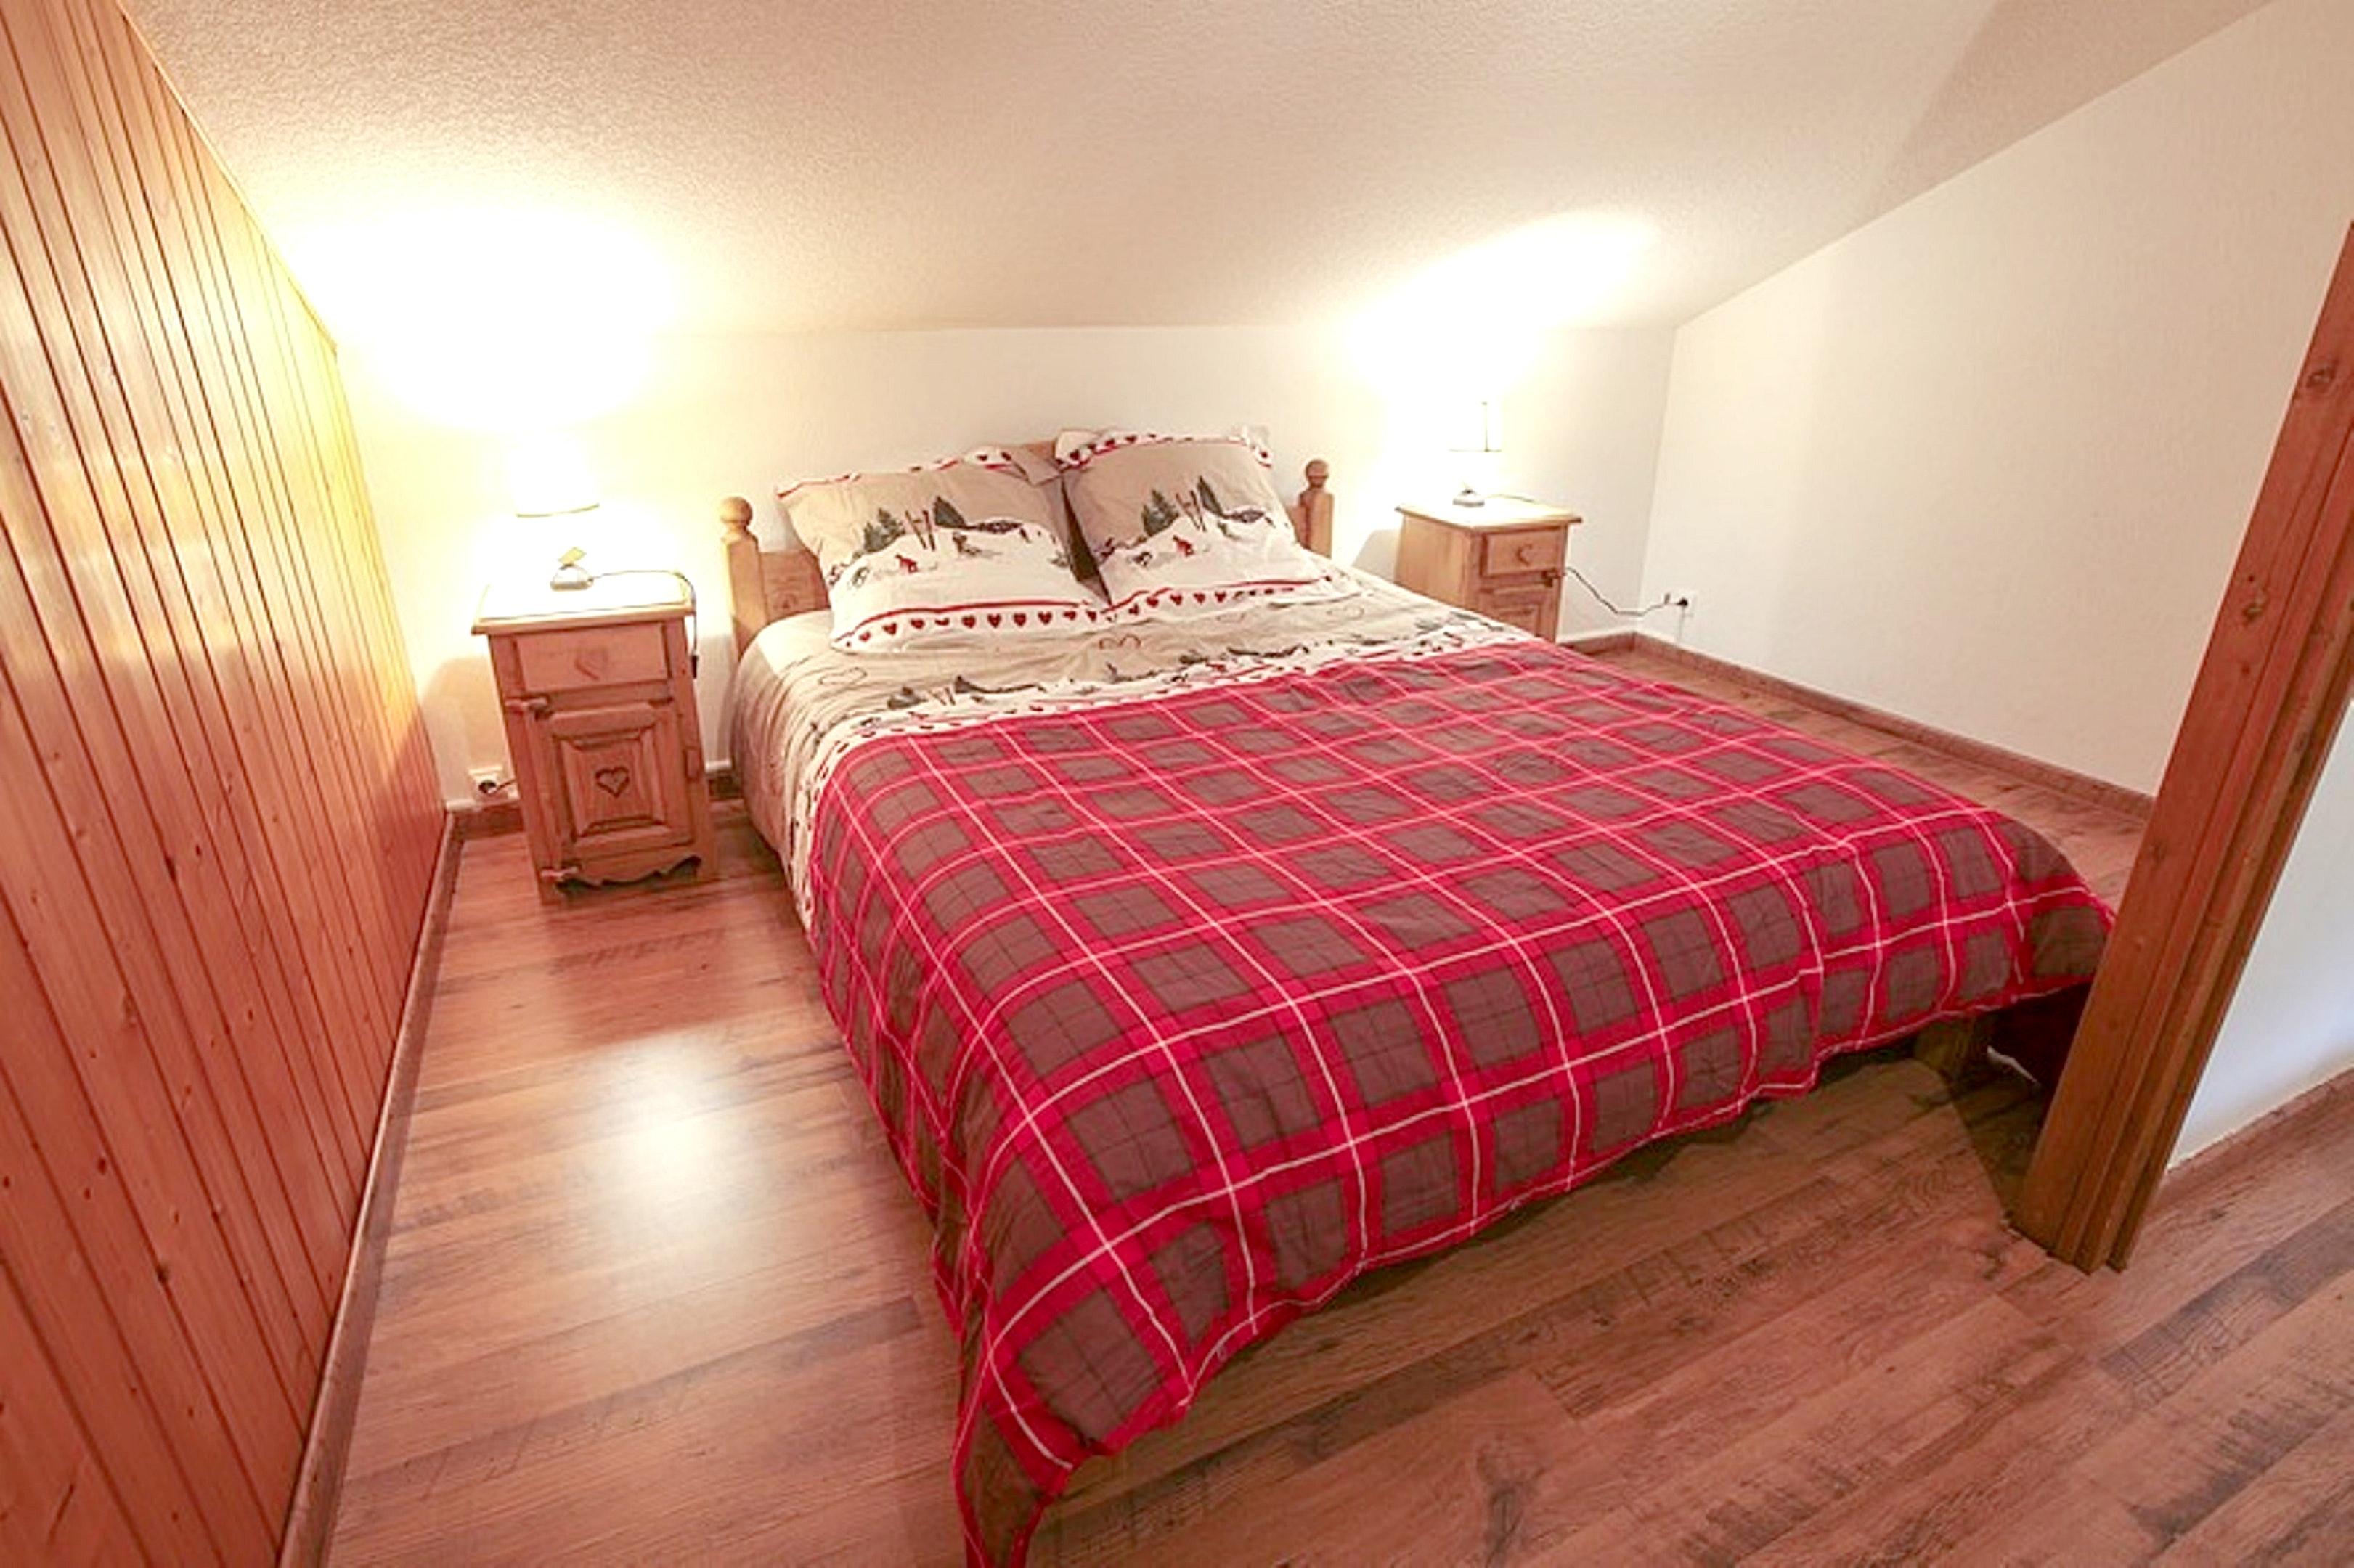 Maison de vacances Hütte mit 7 Schlafzimmern in Les Moussières mit toller Aussicht auf die Berge, möblierter  (2677371), Les Moussières, Jura, Franche-Comté, France, image 5